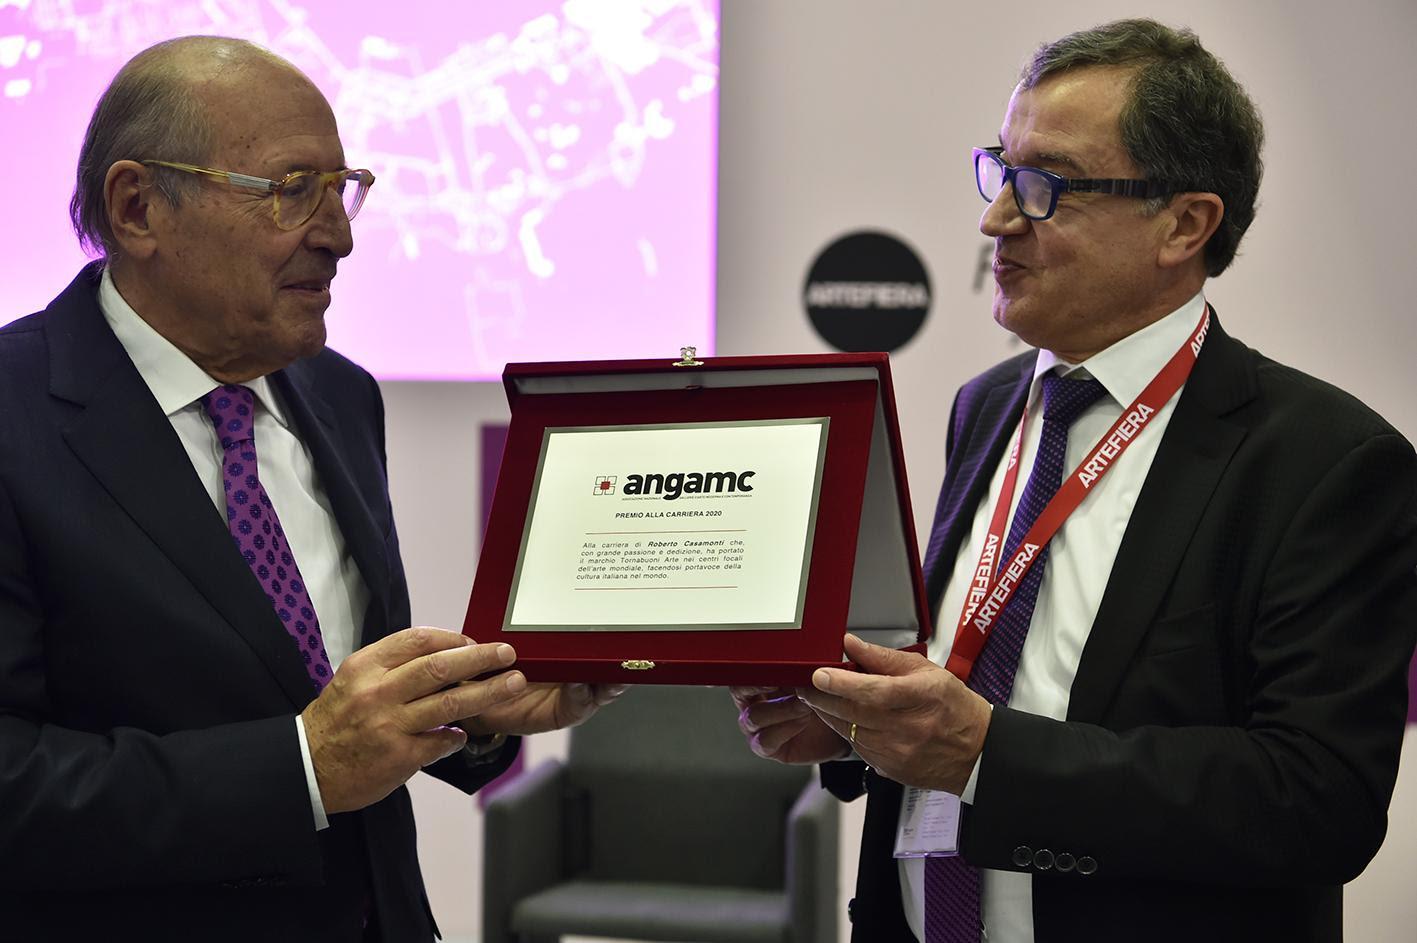 Premio ANGAMC - Roberto Casamonti e Mauro Stefanini